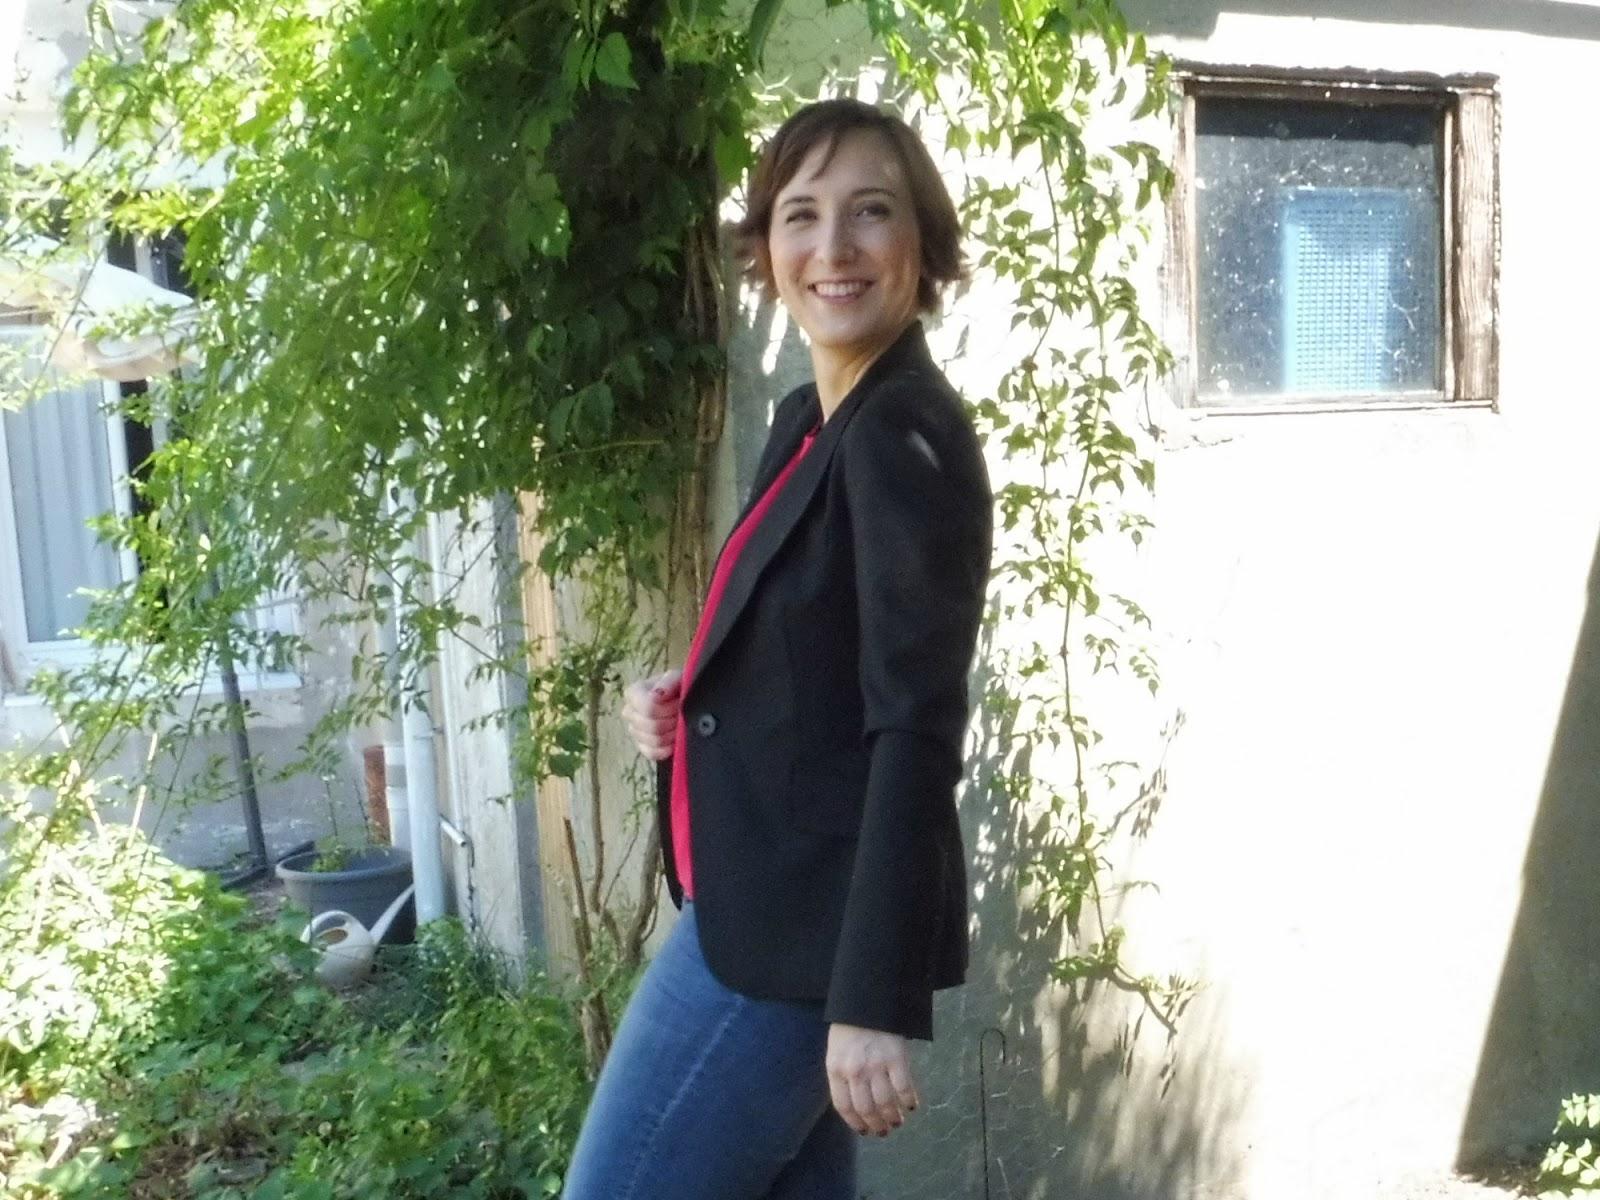 L'achat de vêtements d'occasion sur Micolet.fr : top ou flop ? Par Lili LaRochelle à Bordeaux